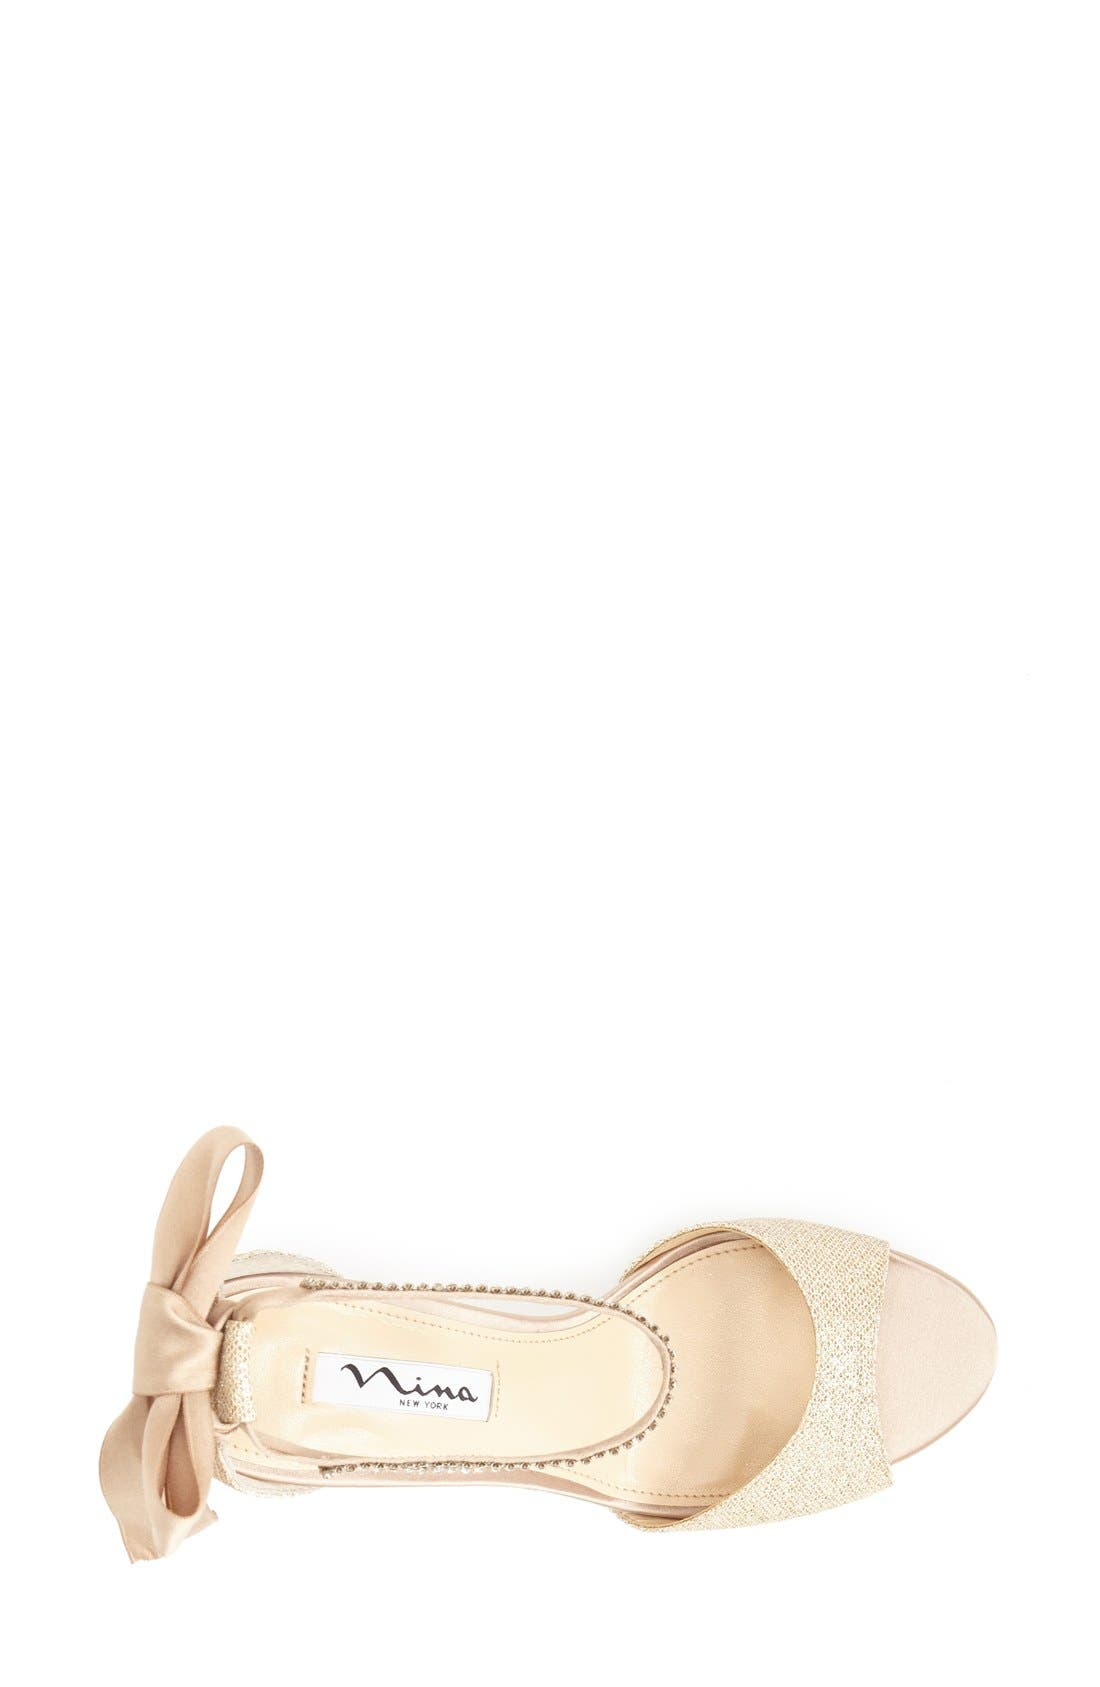 NINA, 'Vinnie' Crystal Embellished Ankle Strap Sandal, Alternate thumbnail 3, color, CHAMPAGNE GOLD